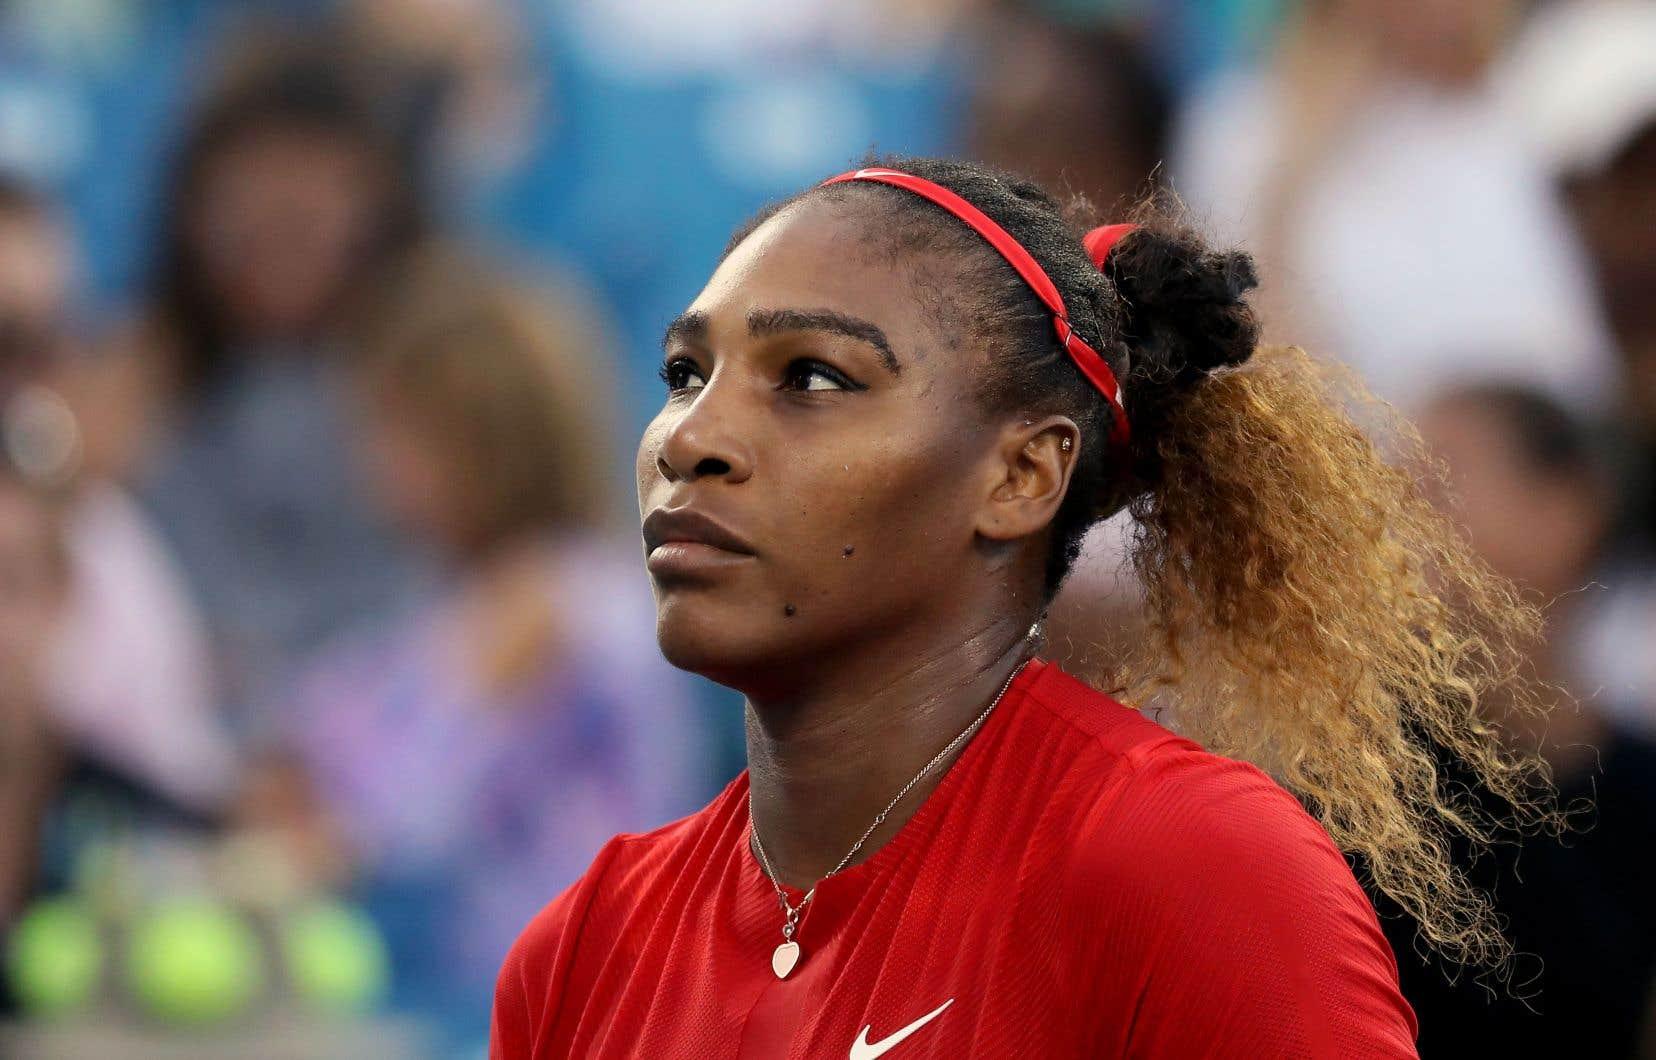 Classée au 26erang du classement mondial, Serena Williams a été promue 17etête de série des Internationaux de tennis des États-Unis par l'Association américaine.